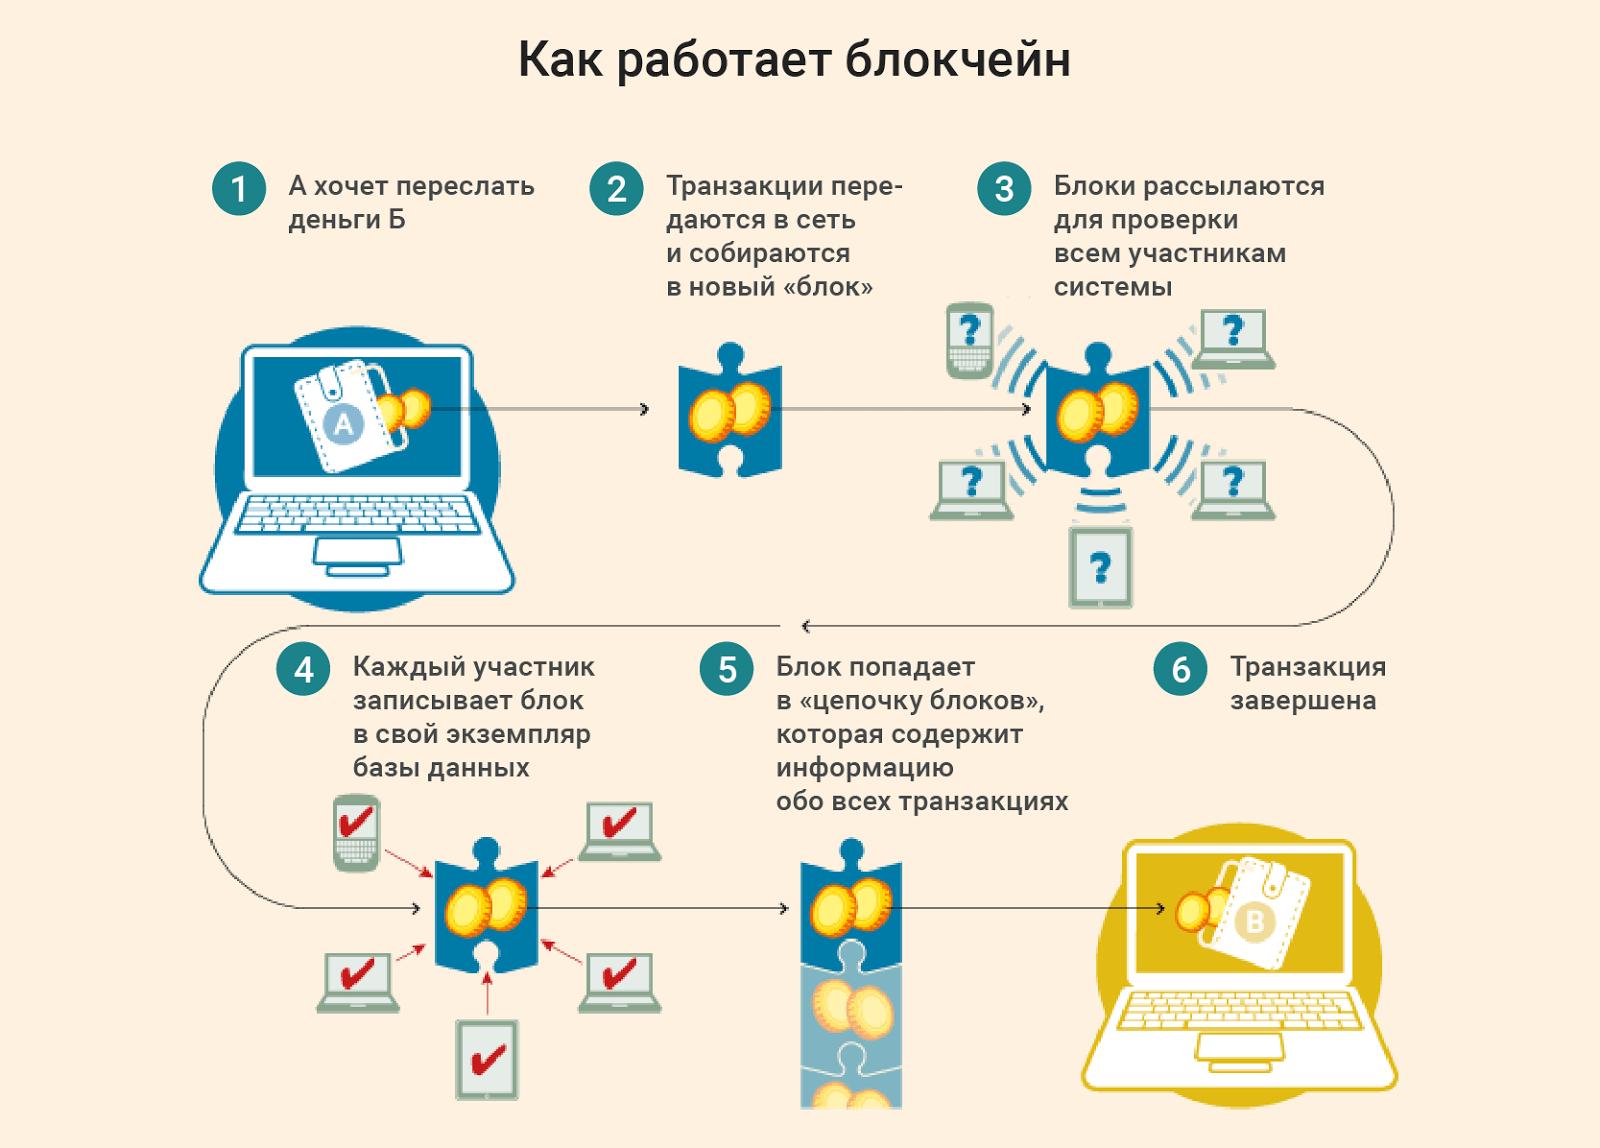 Как работает и устроен блокчейн